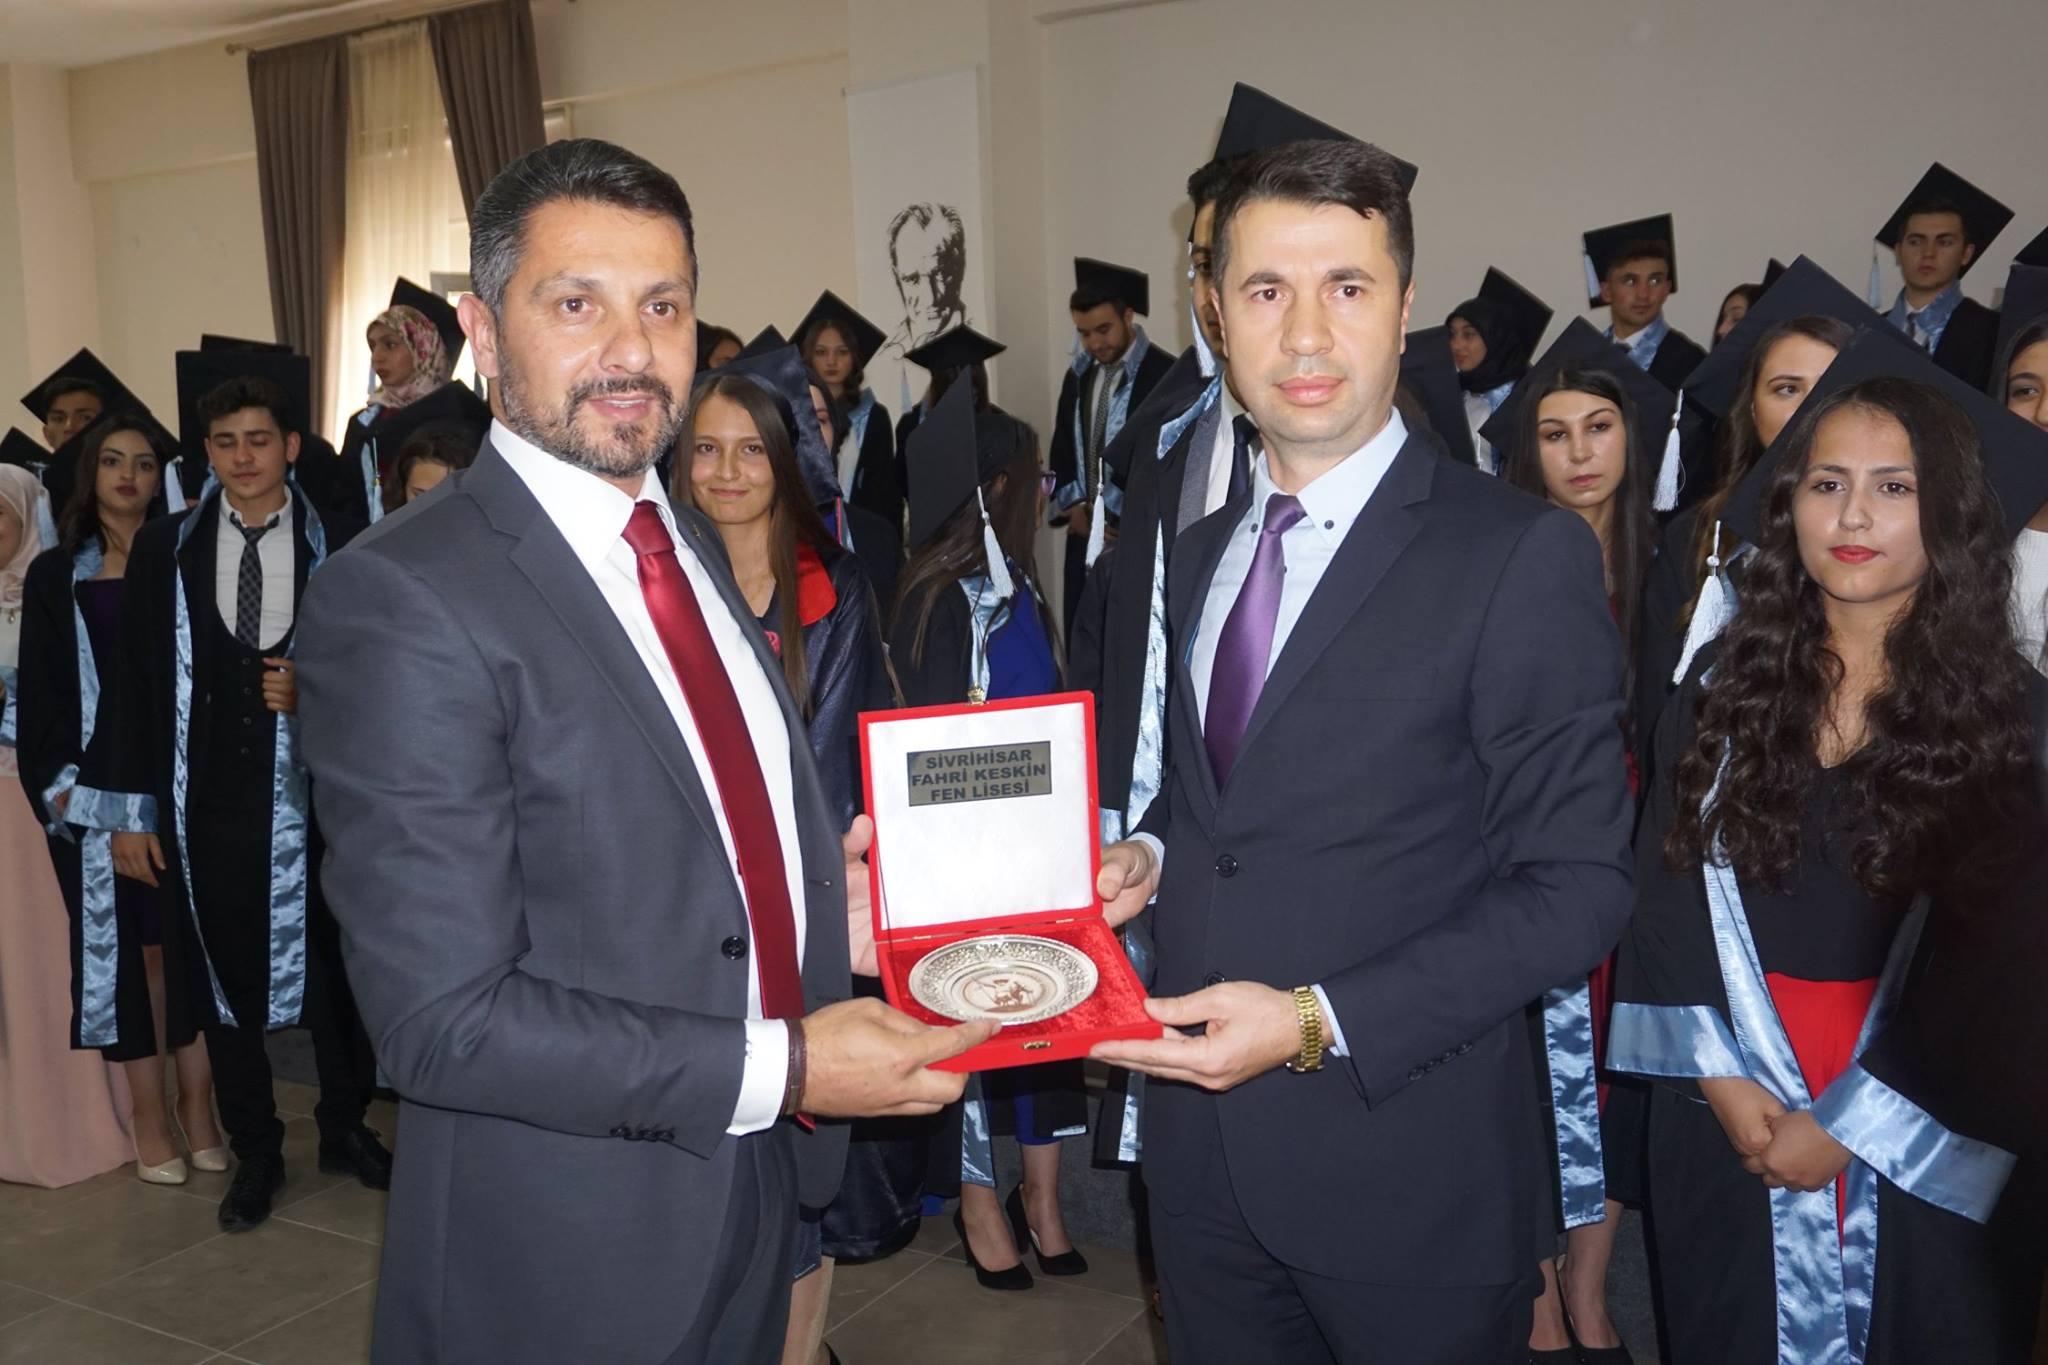 Sivrihisar Belediye Başkanımız Hamid Yüzügüllü İlçemiz Fahri Keskin Fen Lisesi Öğrencilerinin Mezuniyet Sevincine Ortak Oldu.